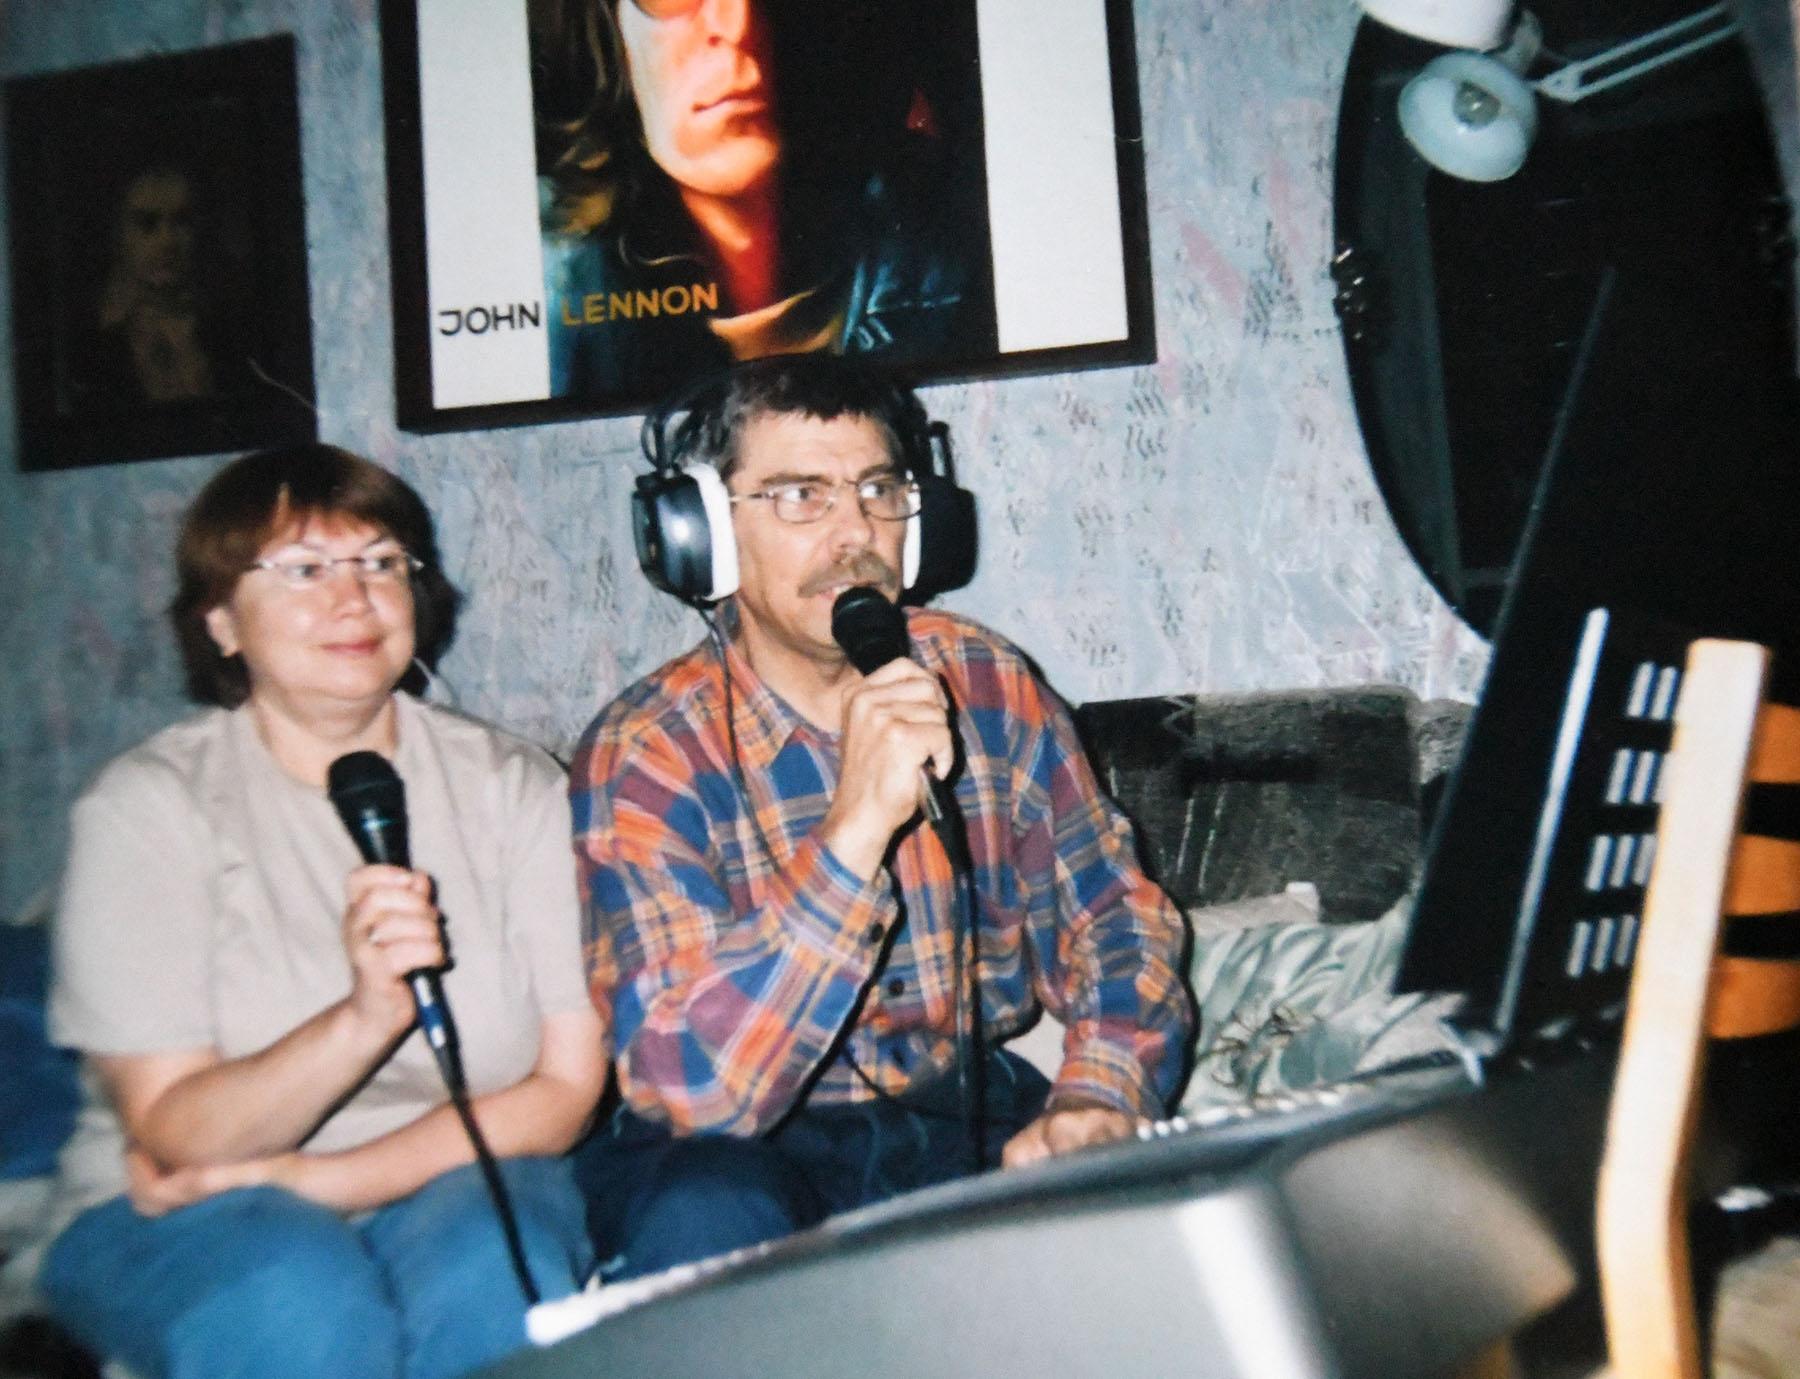 Ilme Prenge ja Valdur Prenge oma kodustuudios. Foto Prengede fotoalbumist